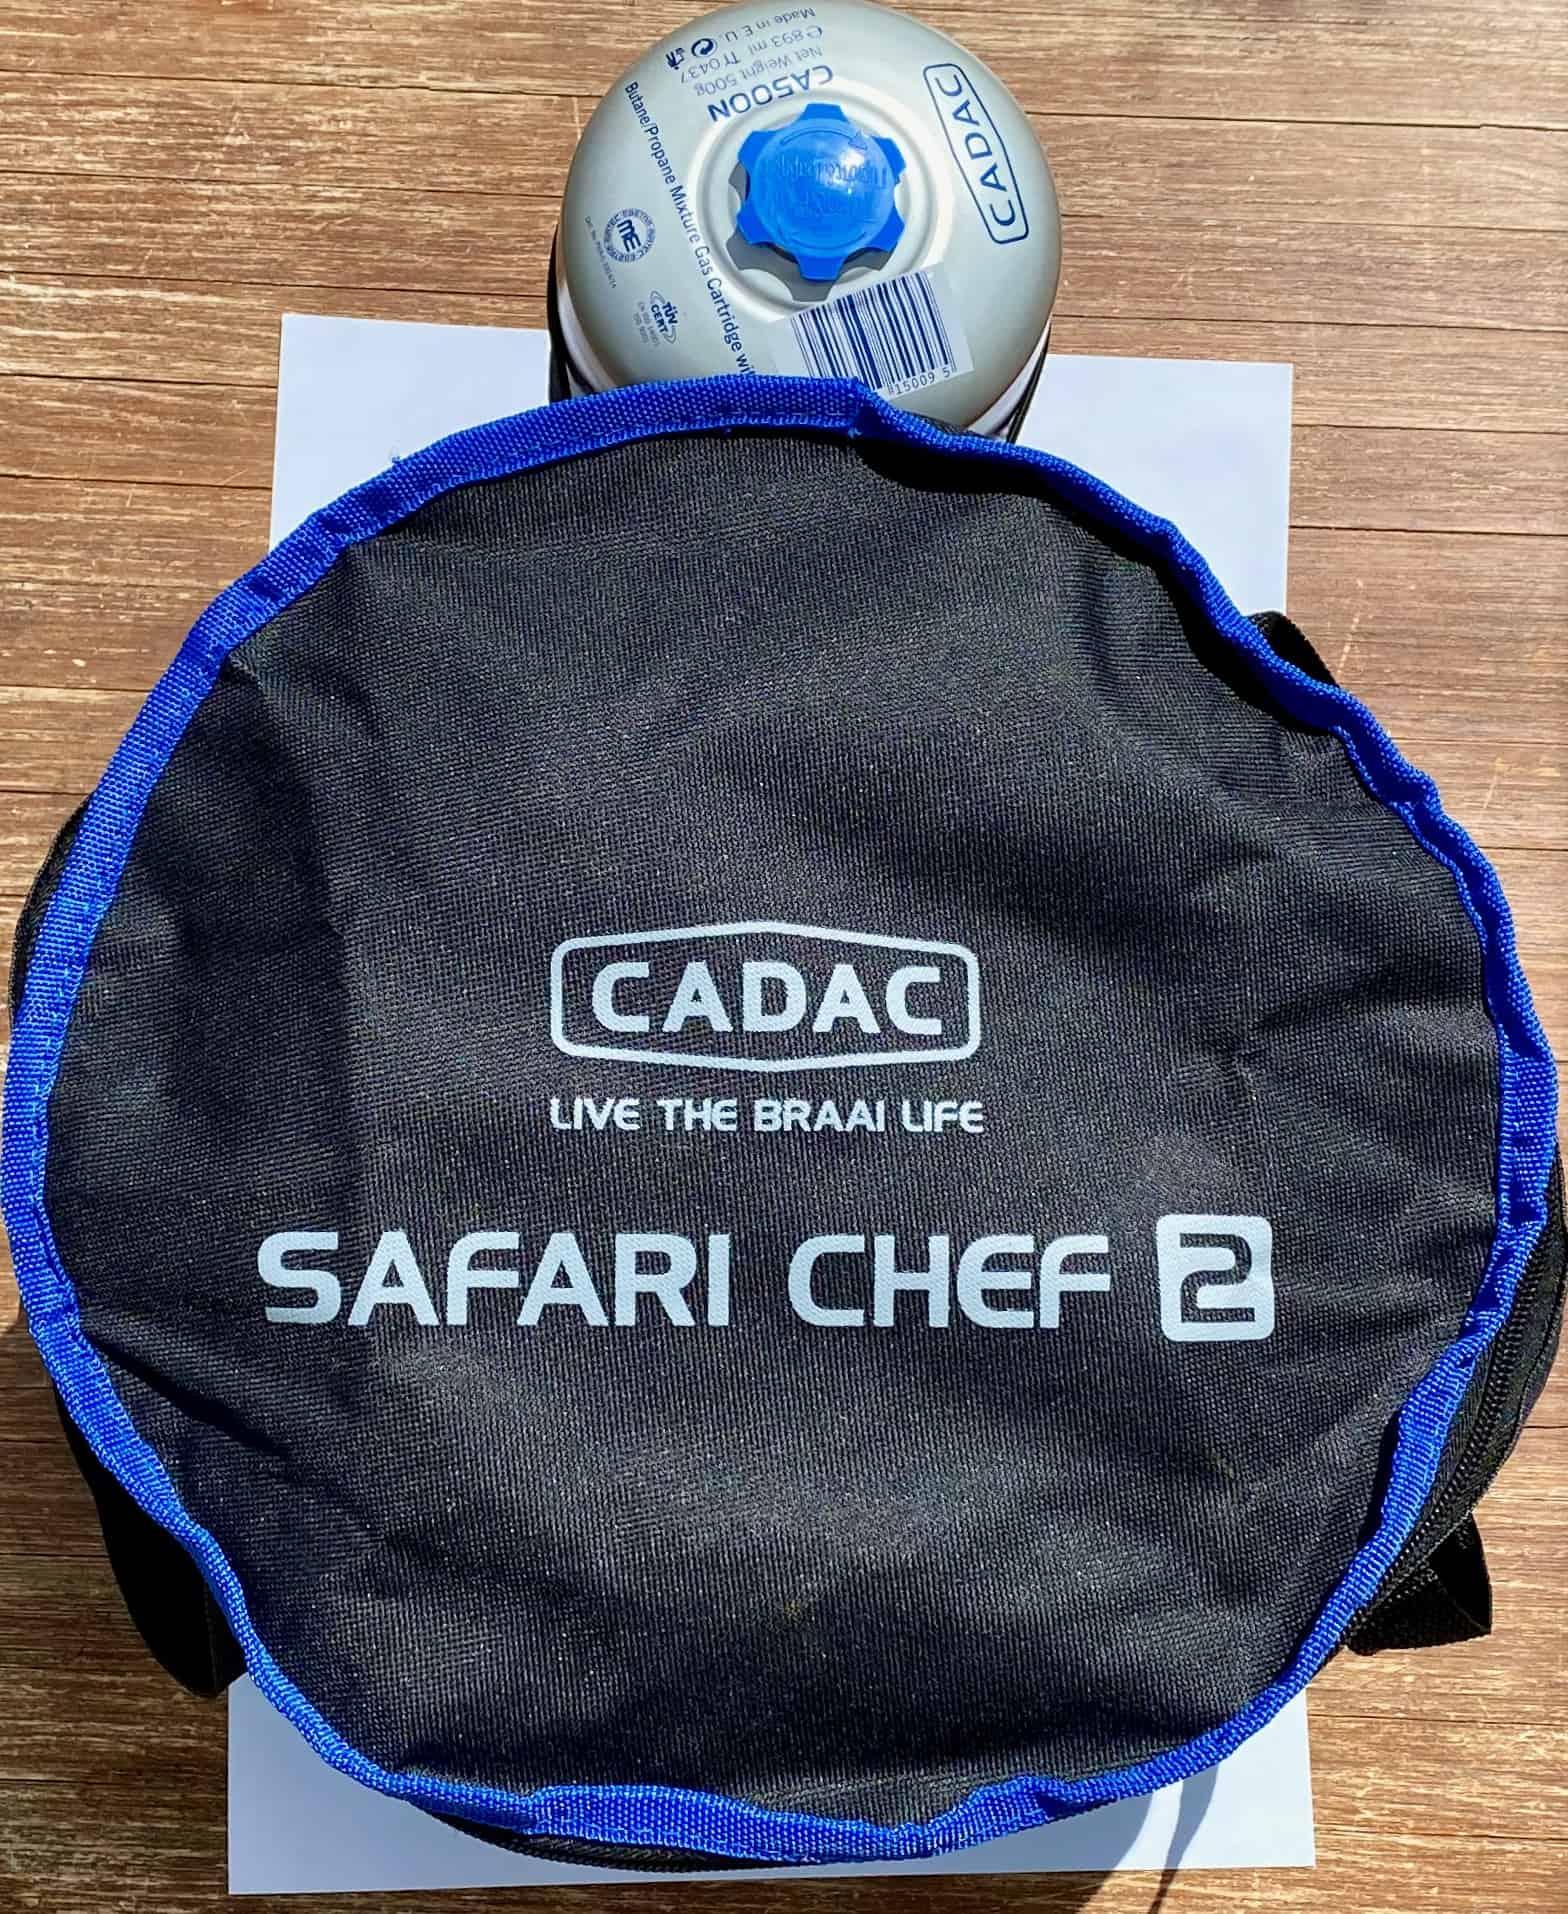 Cadac_Safari_Chef_2_Tasche_Grösse_wie_2_DINA4_Blätter